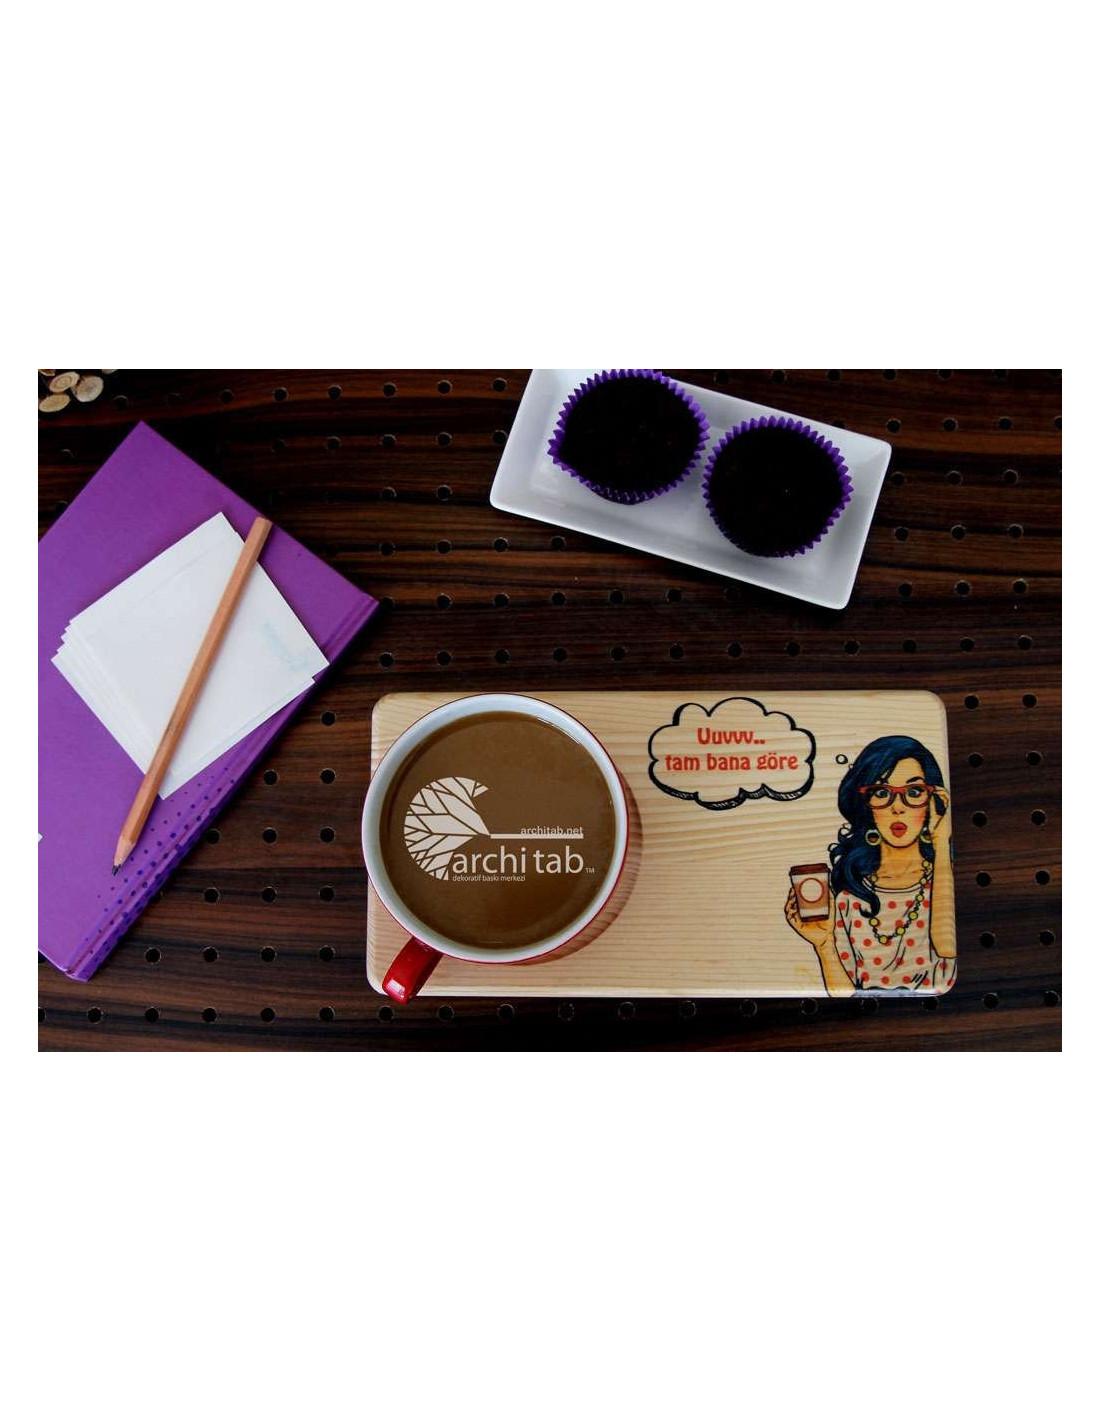 Vintage tasarım doğal ahşap çay ve kahve sunum tabağı ...Bardak Altligi